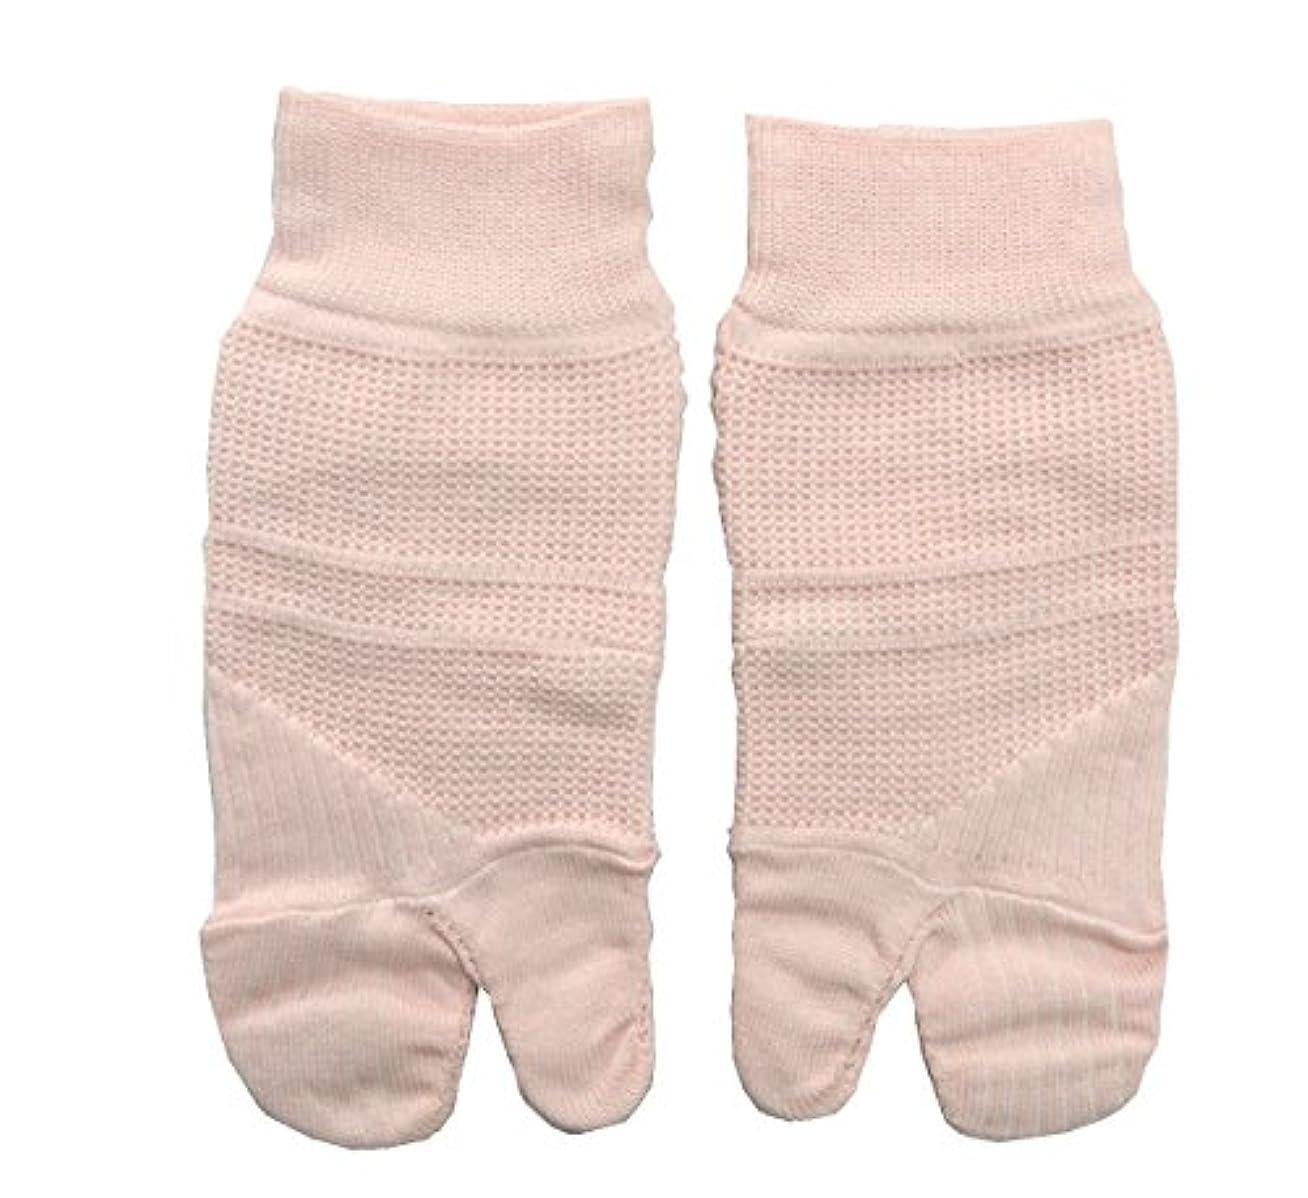 トロリー急降下情報外反母趾対策靴下(通常タイプ) コーポレーションパールスター?広島大学大学院特許製品